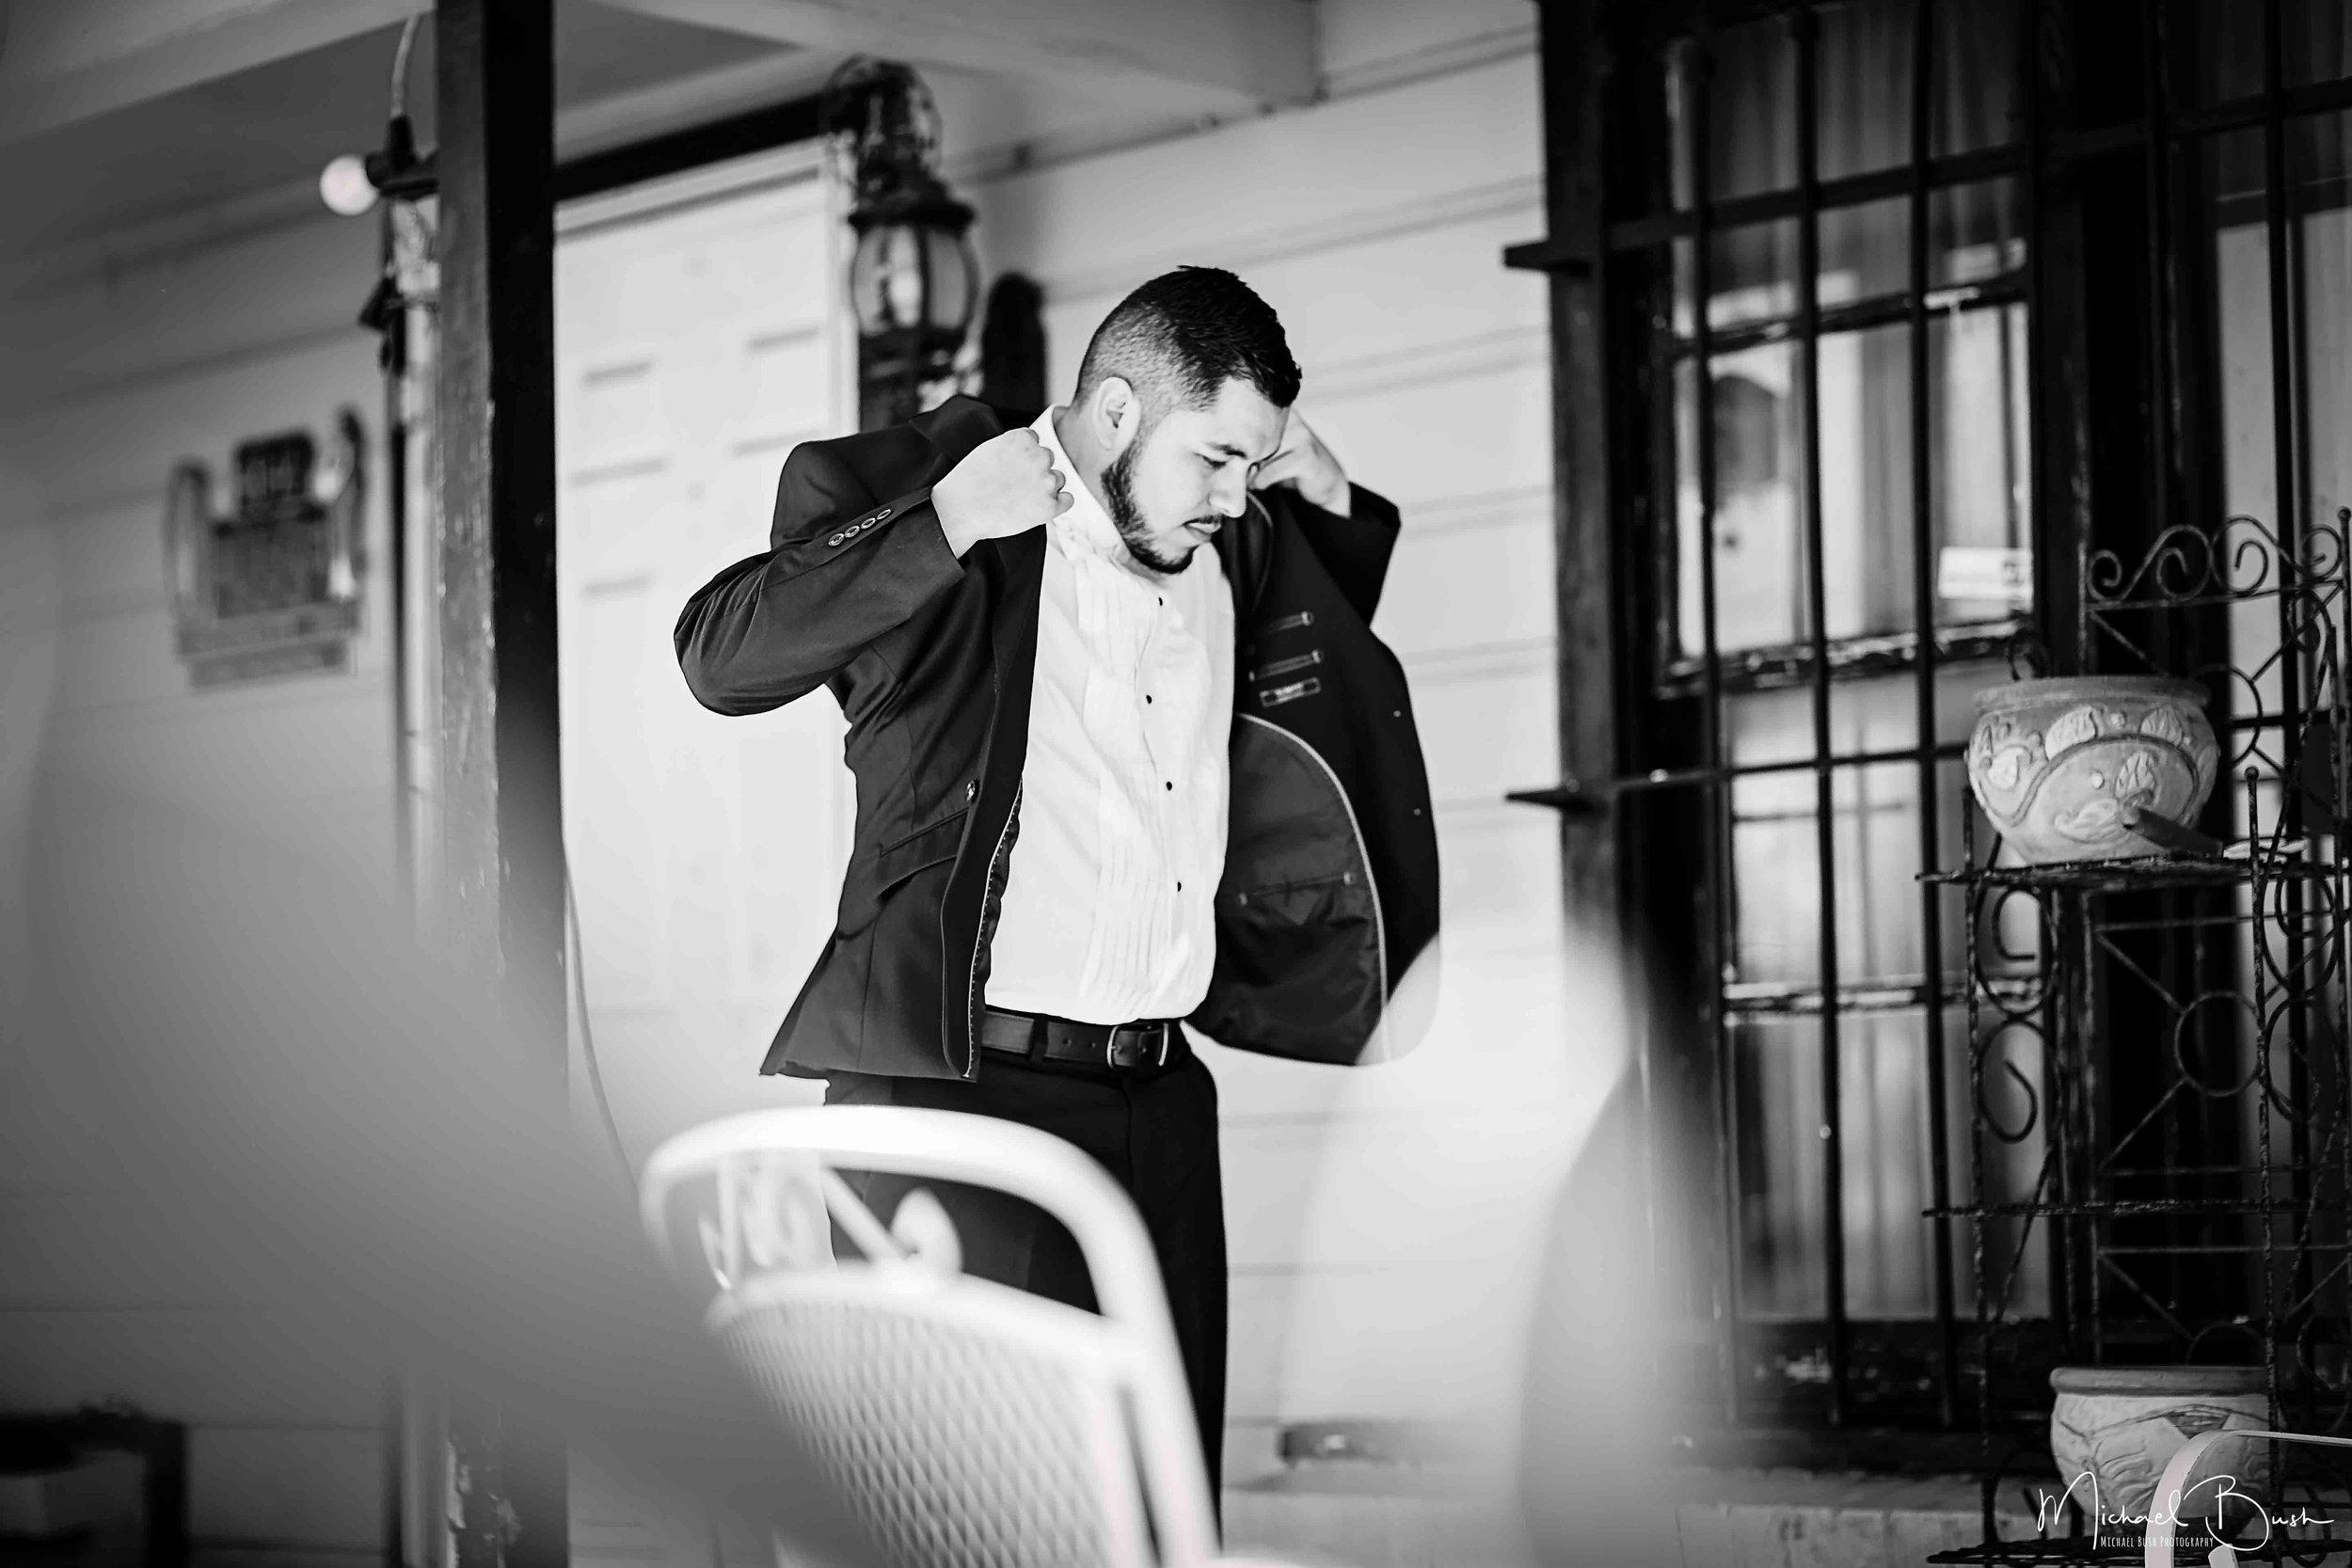 Wedding-Details-Groom-Fort Worth-b&w-Getting Ready-Tux-jacket.jpg